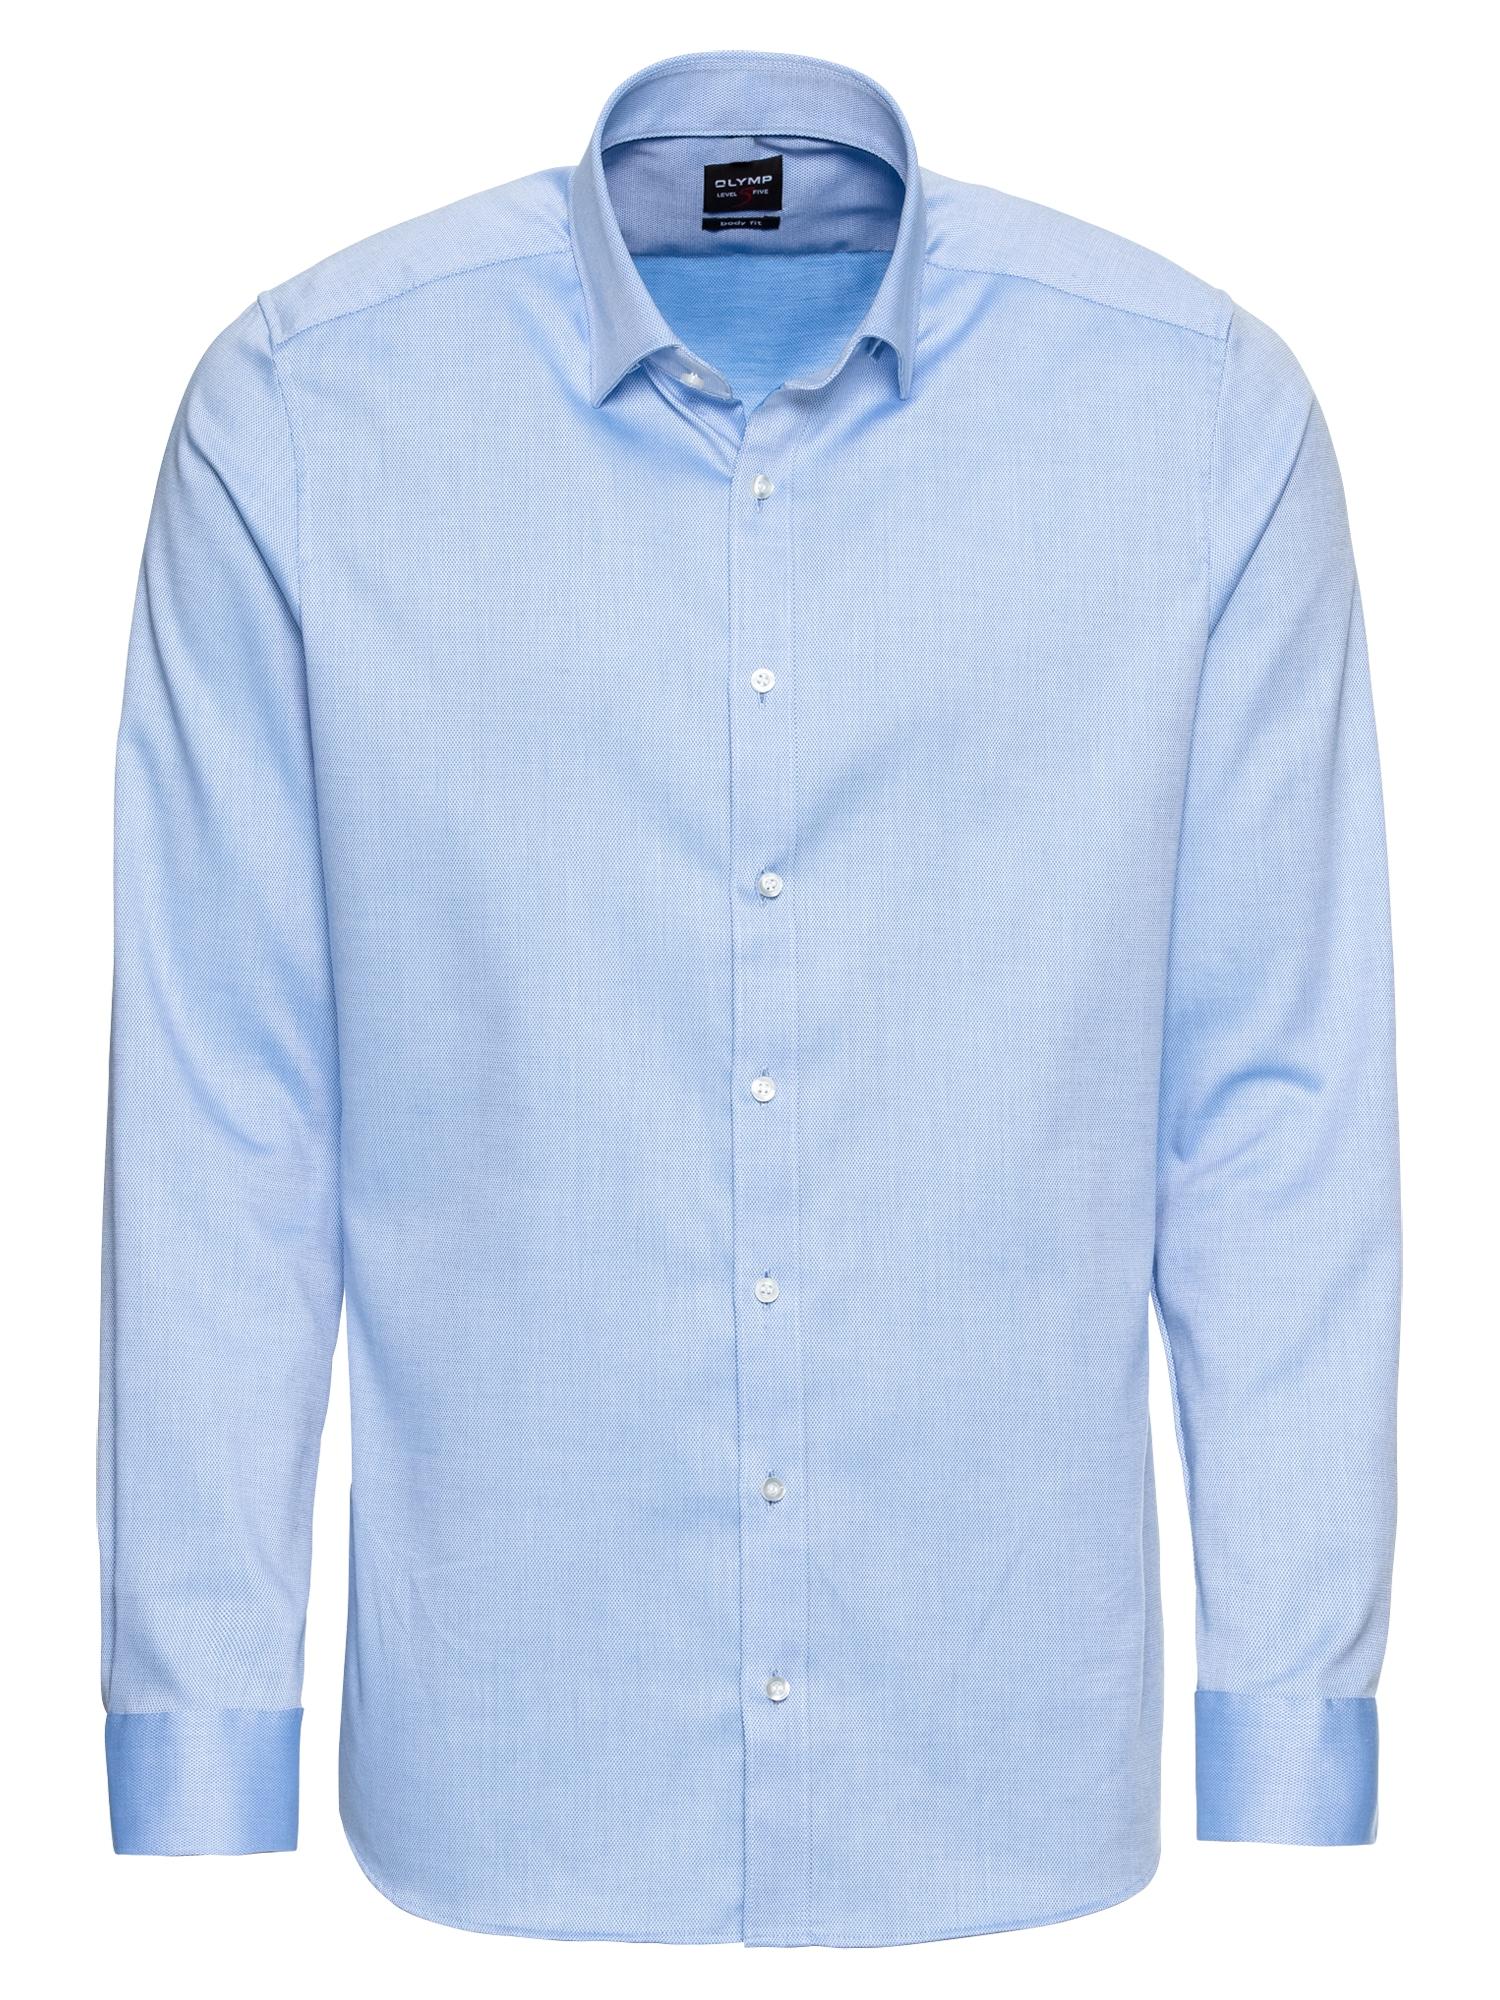 OLYMP Dalykinio stiliaus marškiniai